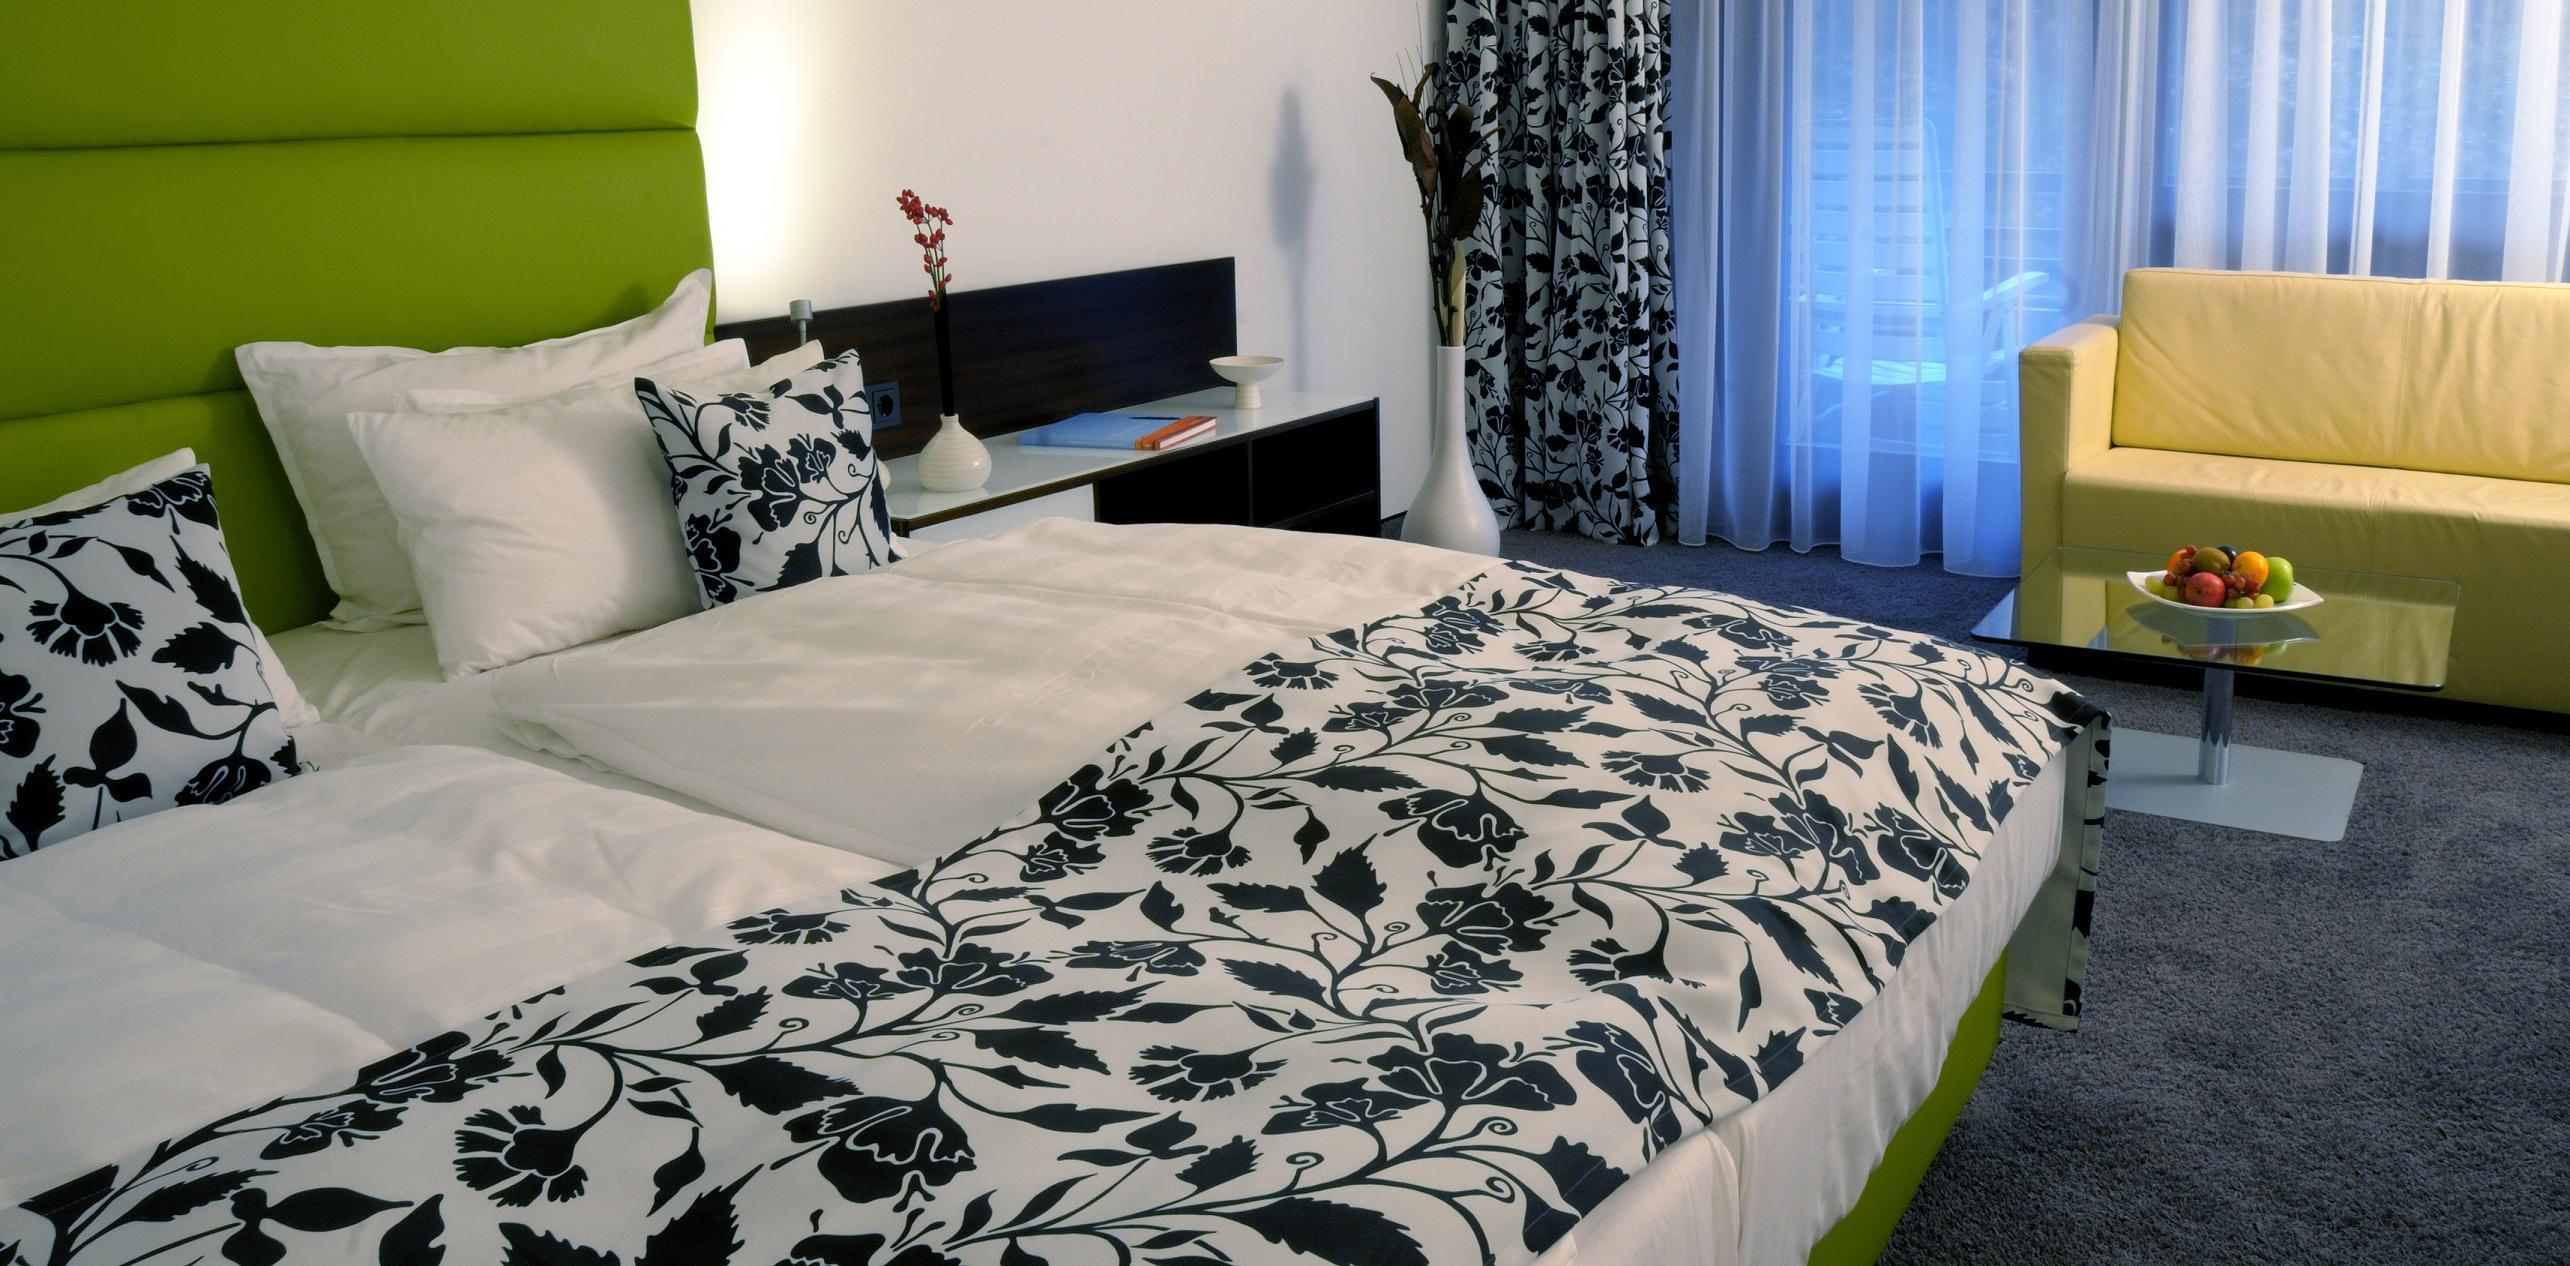 Hotel Und Therme In Bad Orb Im Spessart